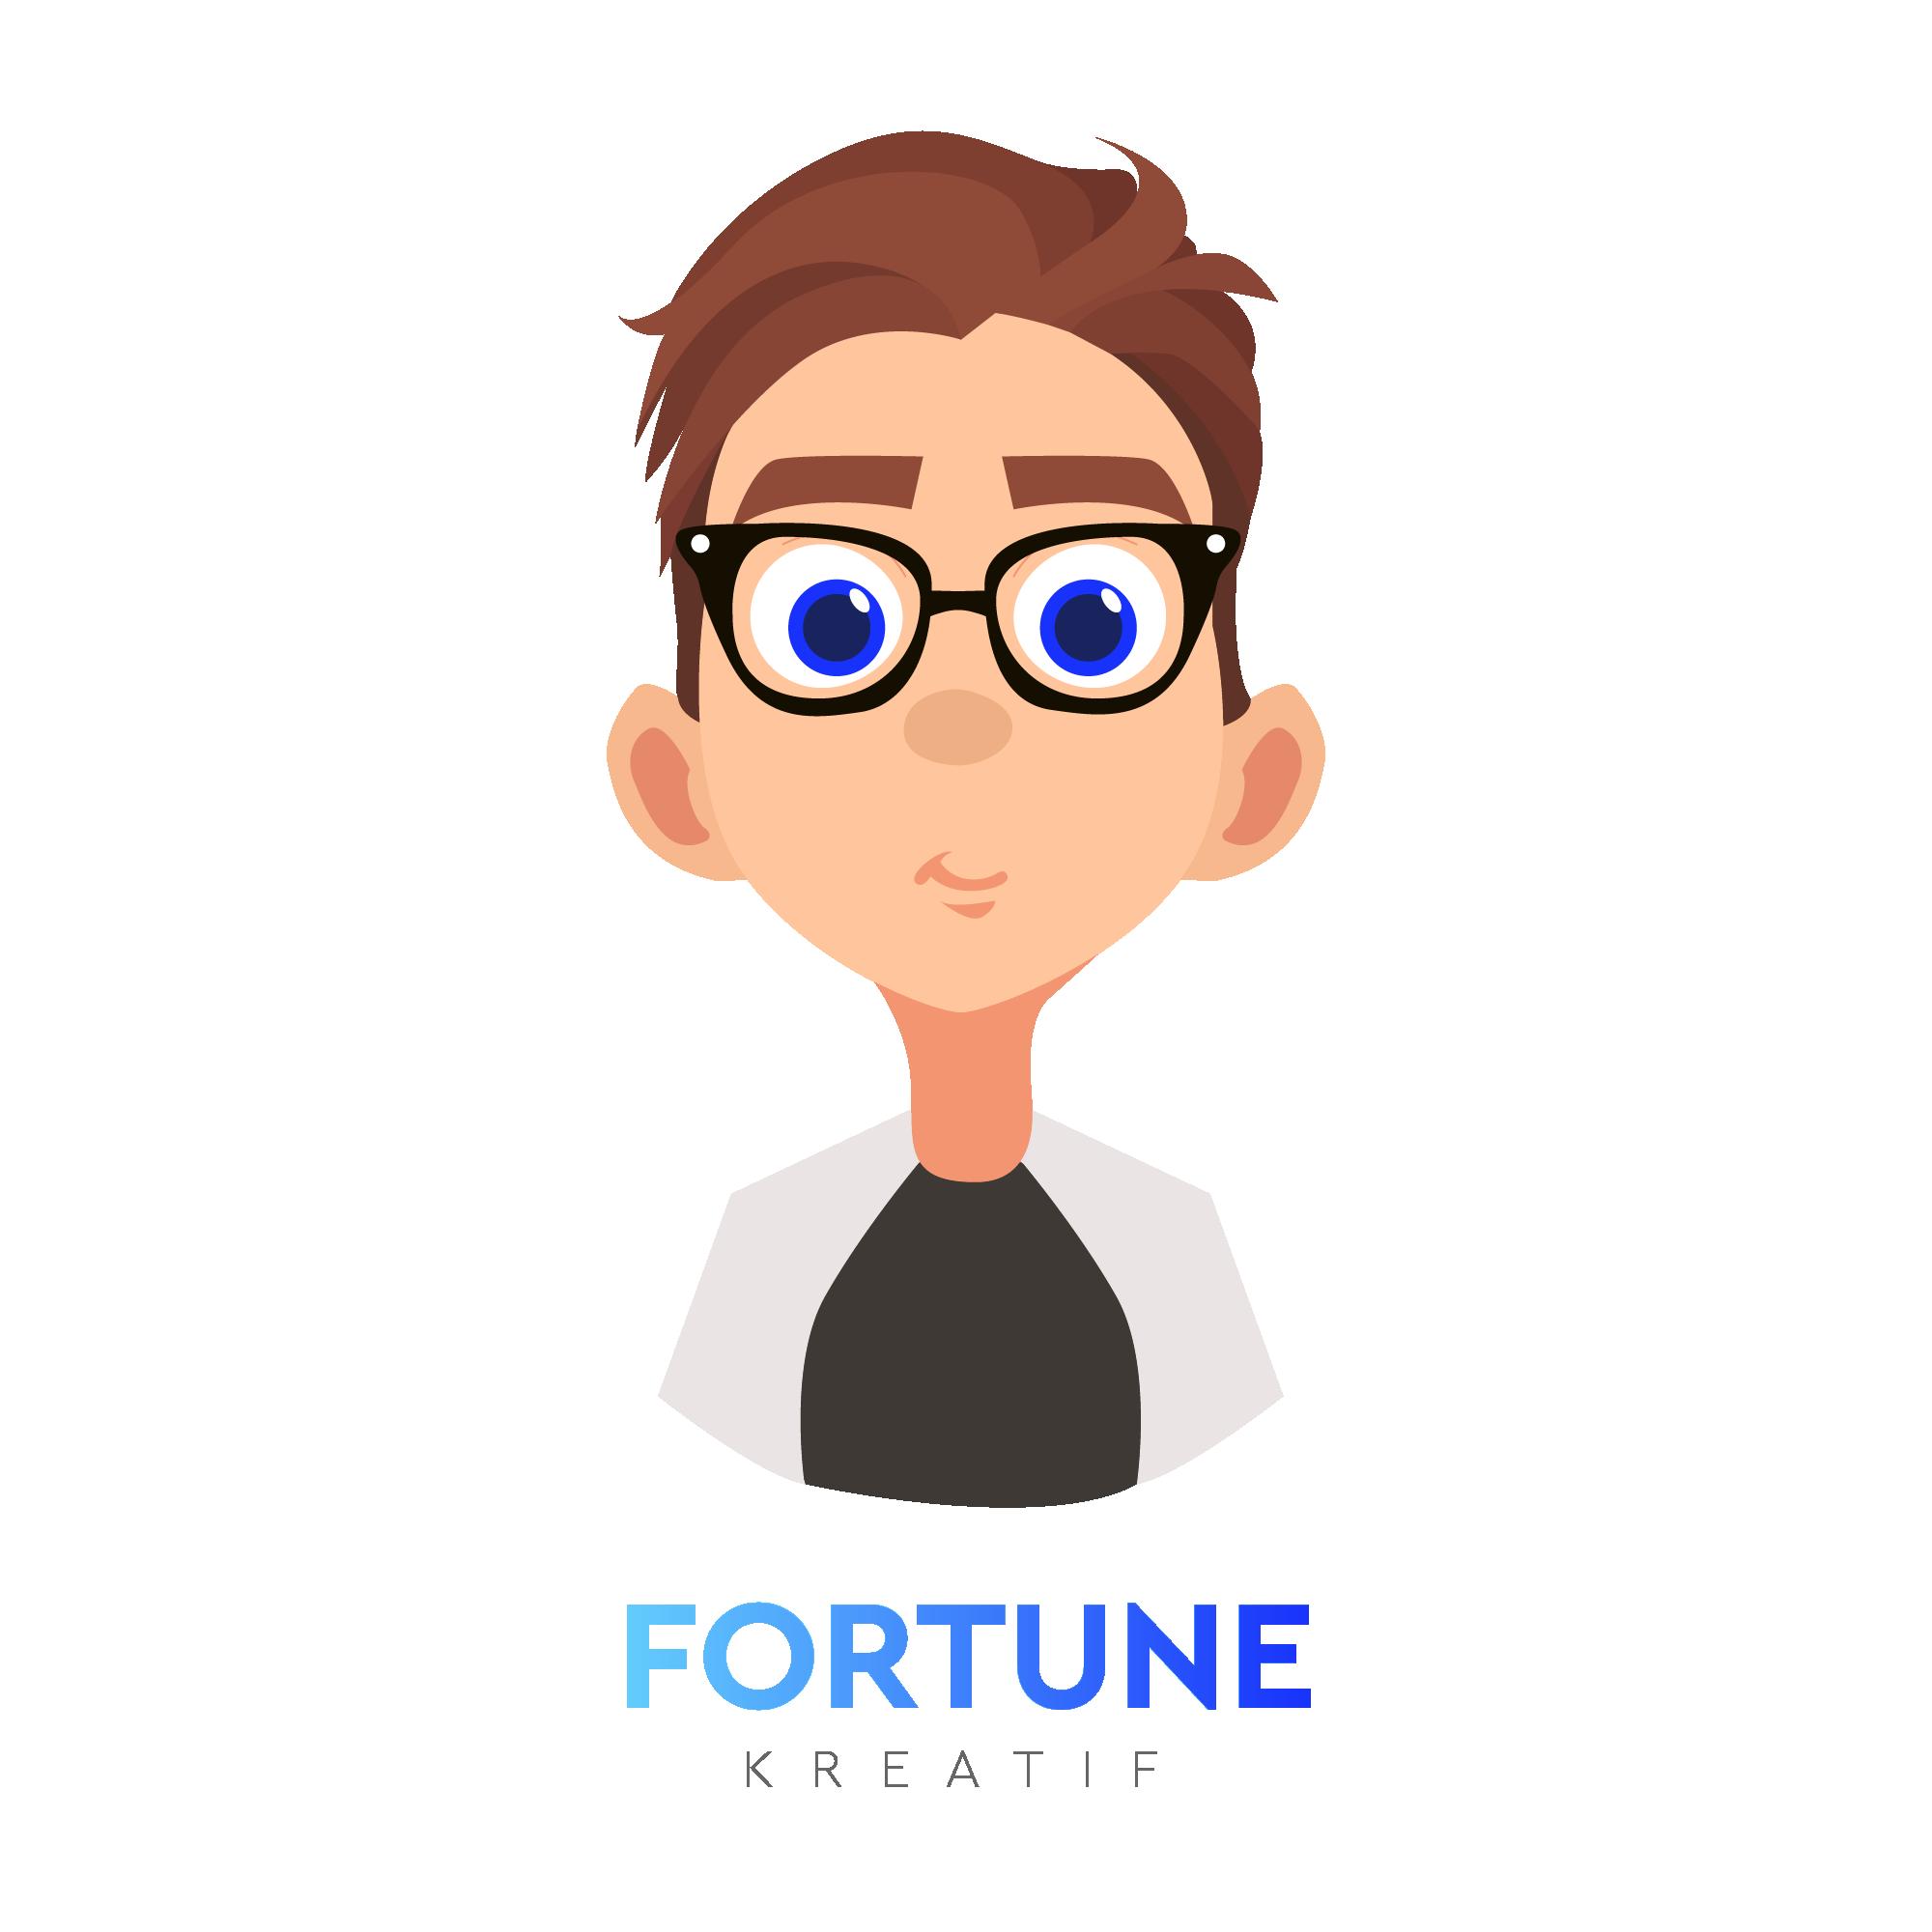 Fortune Kreatif